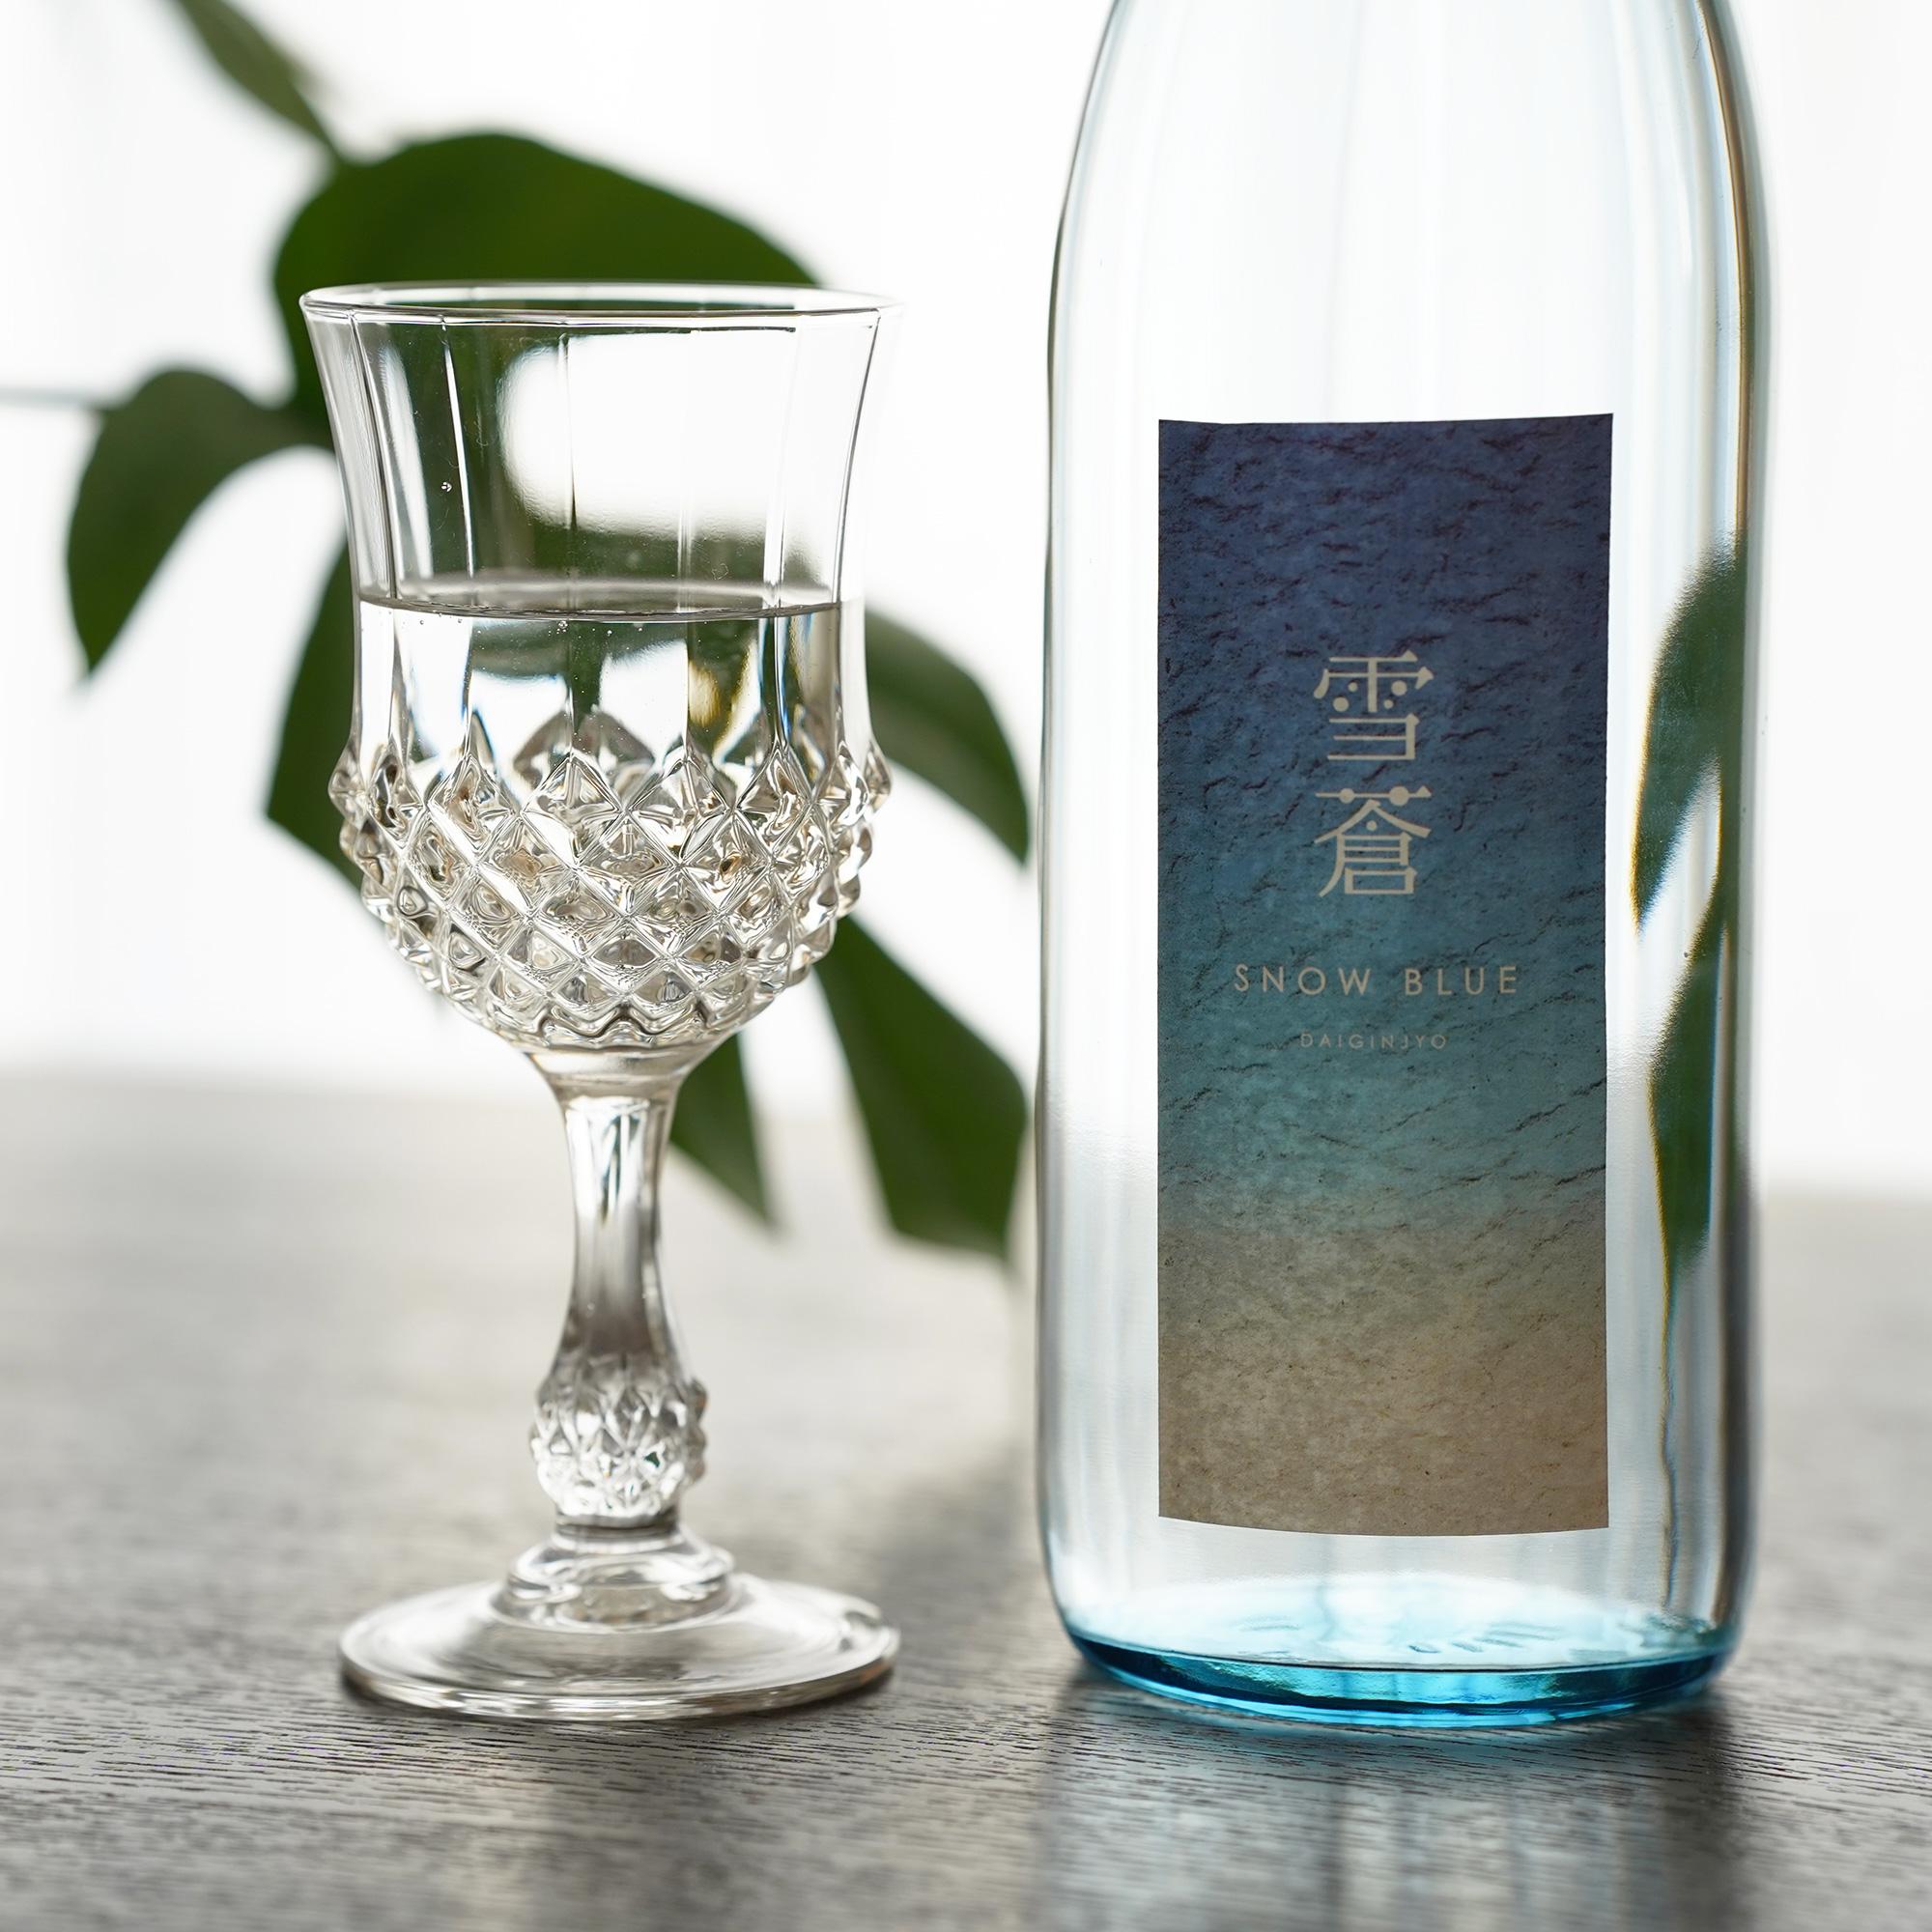 今、日本酒のこだわりブレンド酒が人気急上昇中! 日本酒ソムリエが監修したスノーブルー雪蒼 大吟醸 発売開始